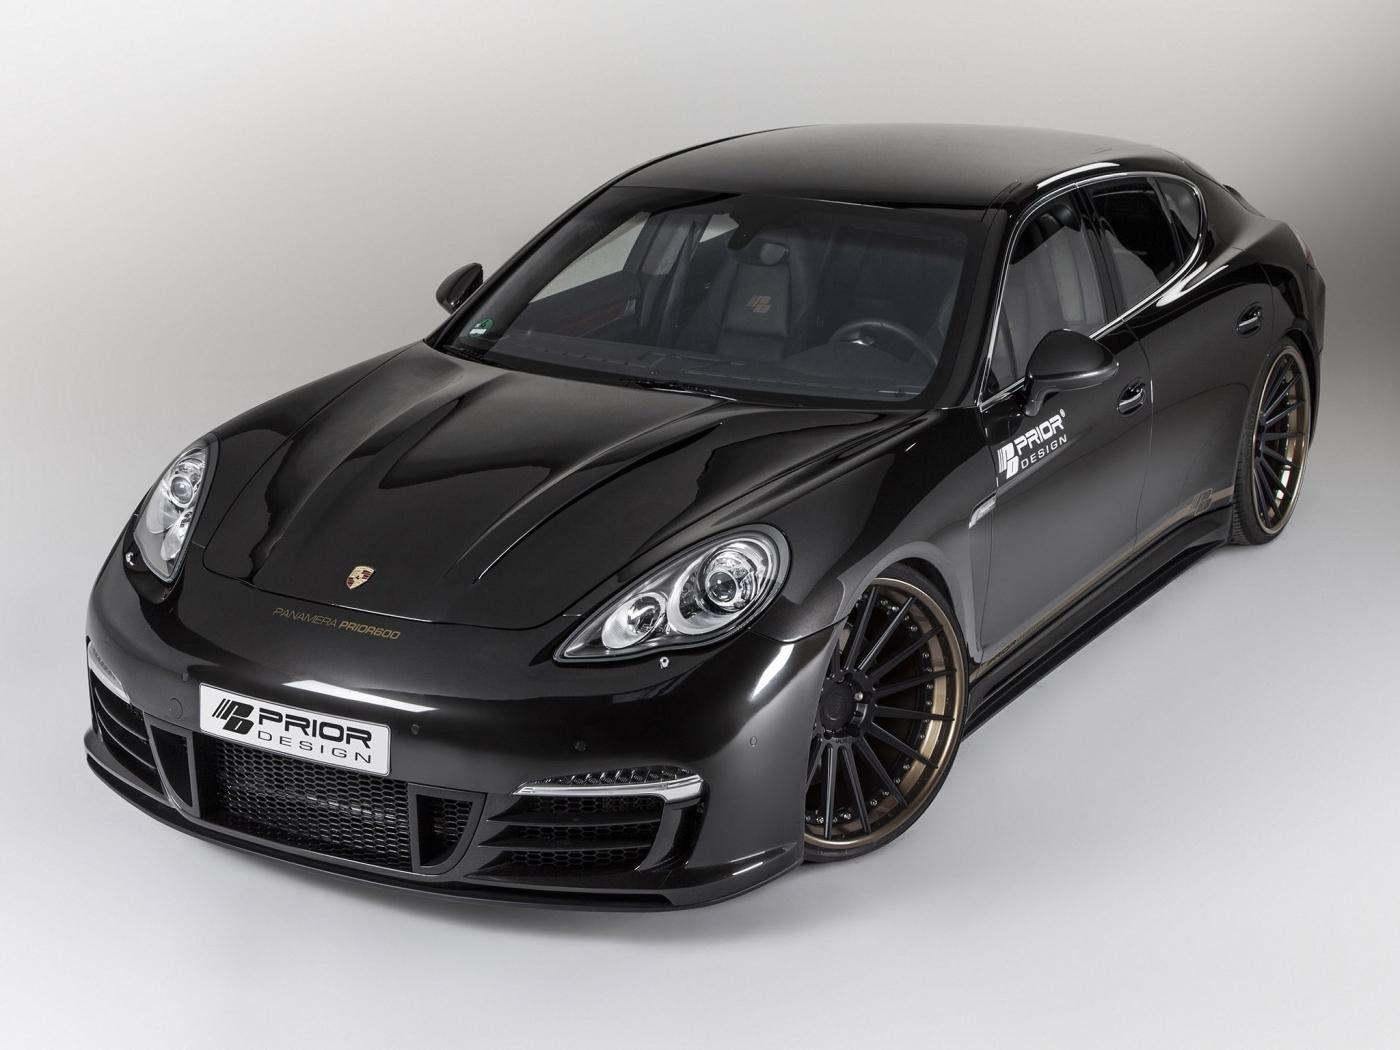 28670 скачать обои Транспорт, Машины, Порш (Porsche) - заставки и картинки бесплатно